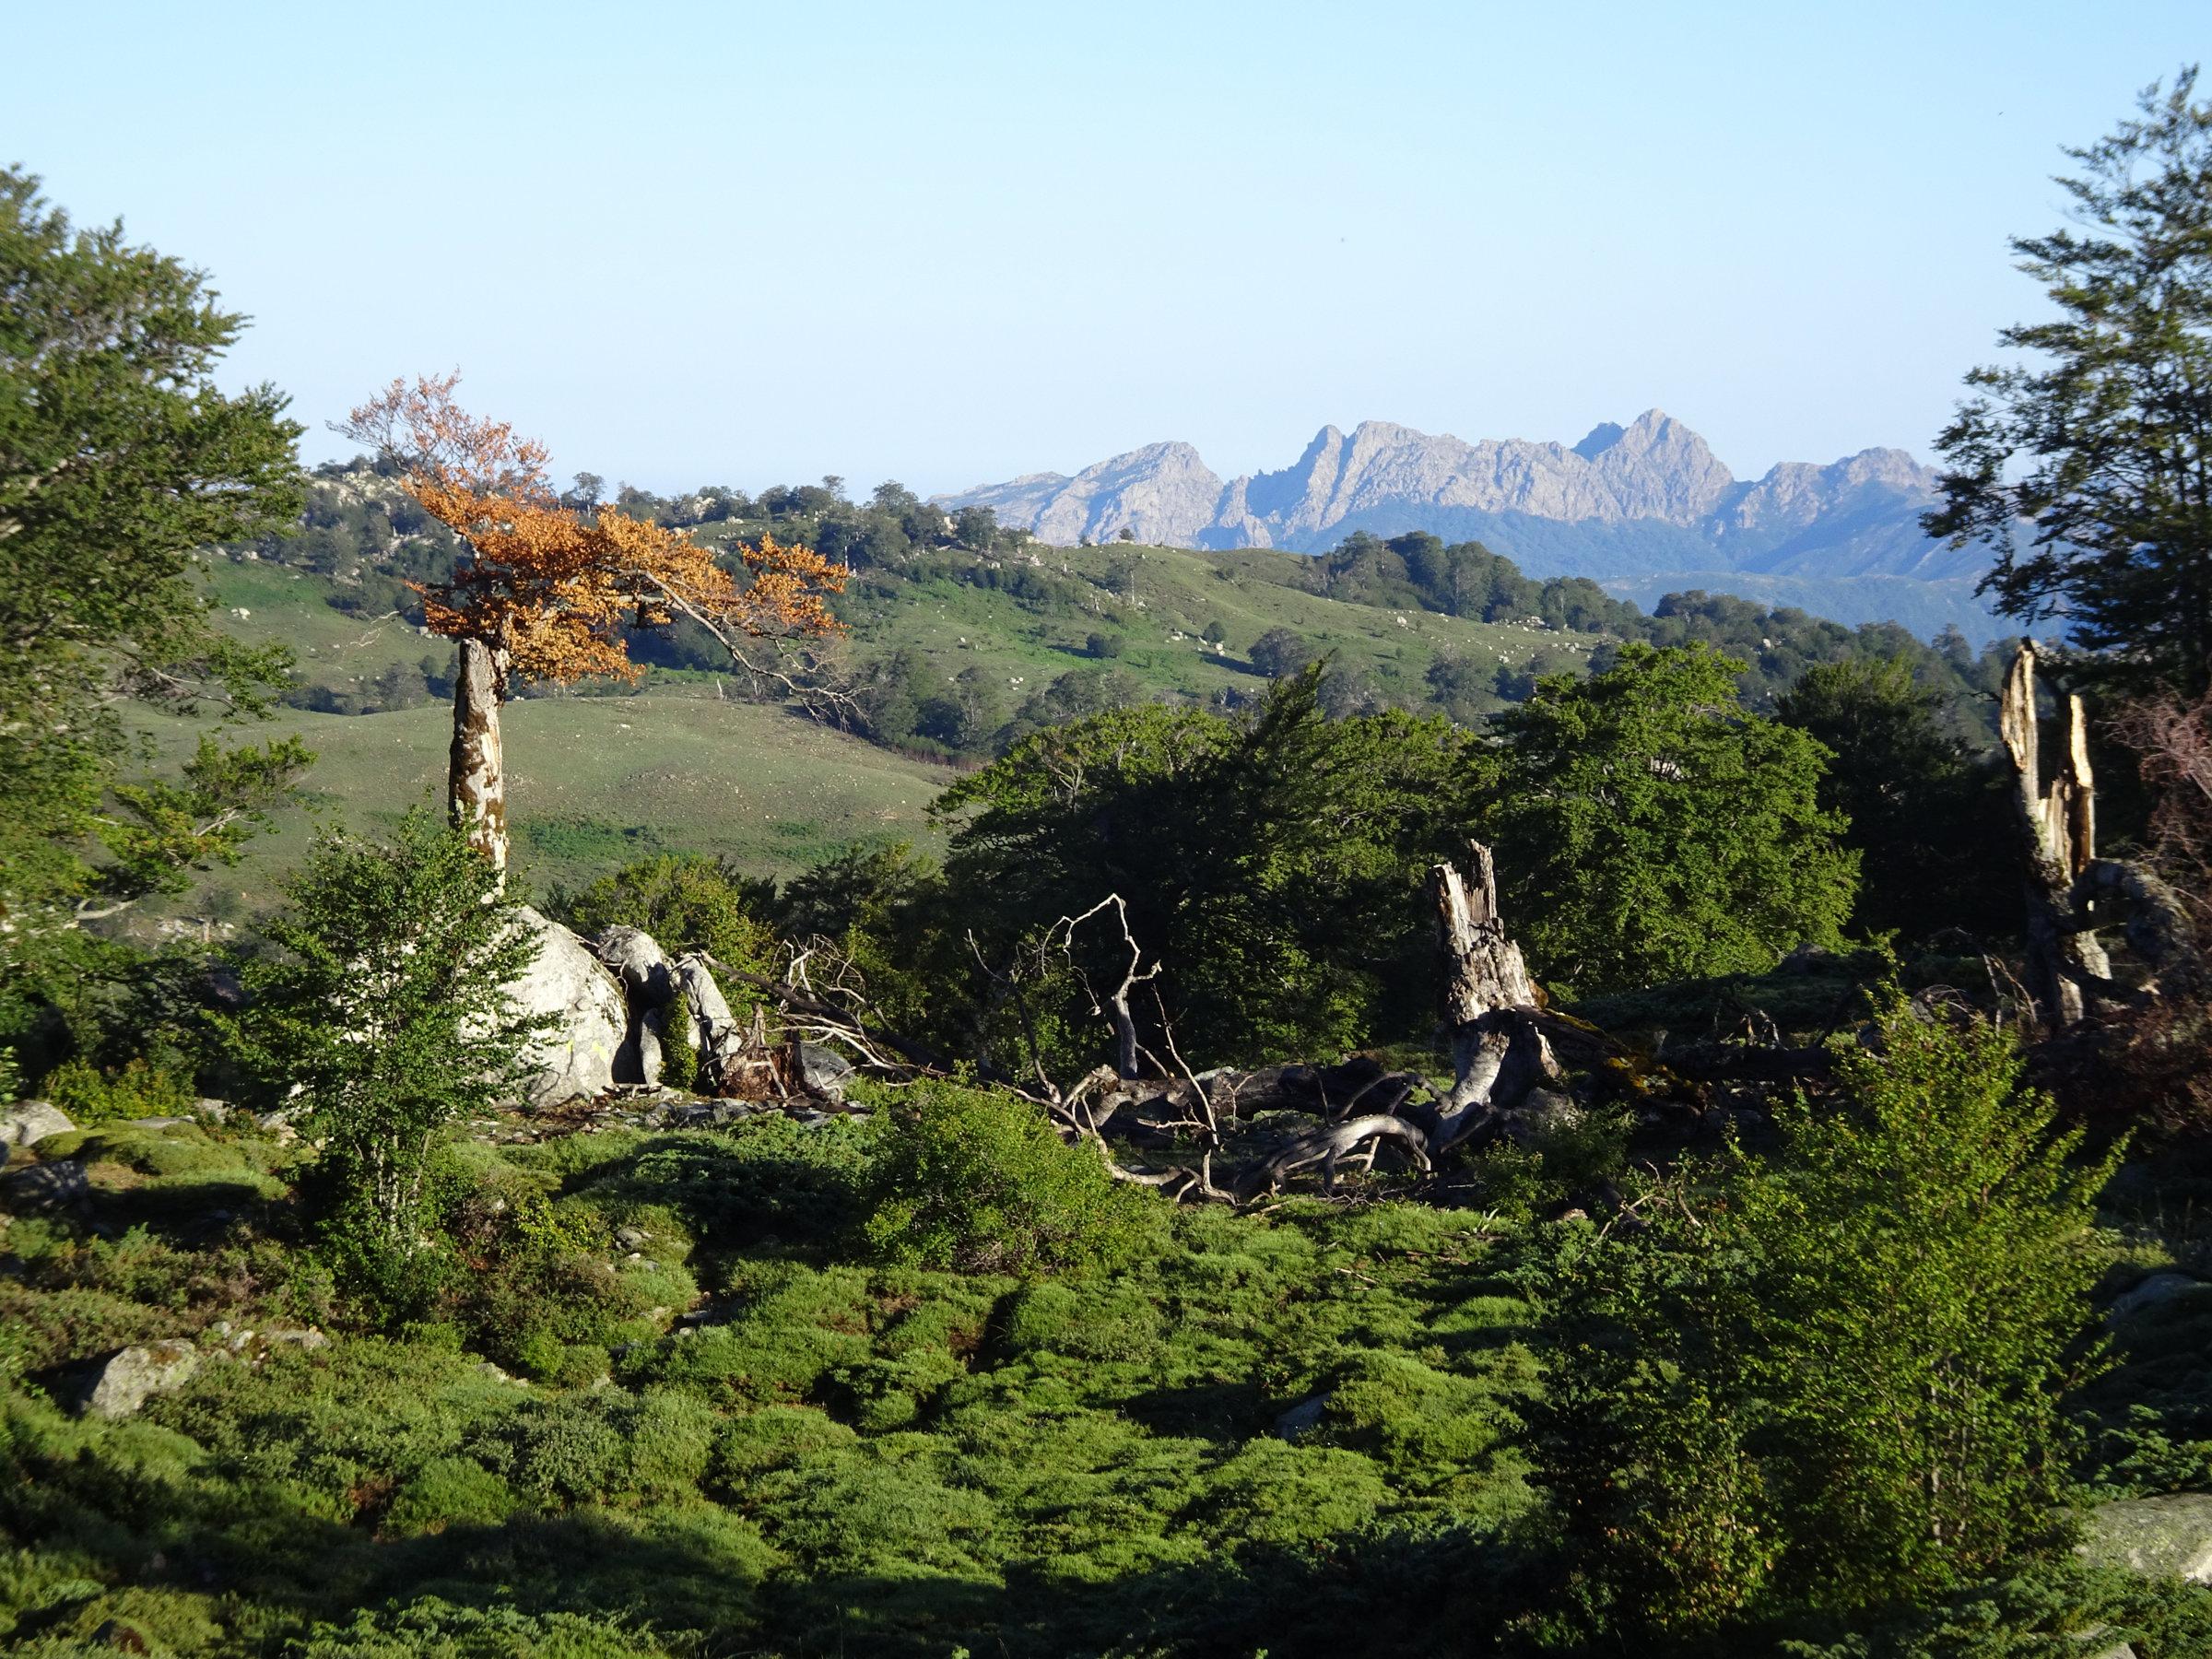 Wunderschönes Licht am Morgen auf dem GR20, Korsika, GR20 Weitwanderweg, Wandern, Berge, Frankreich